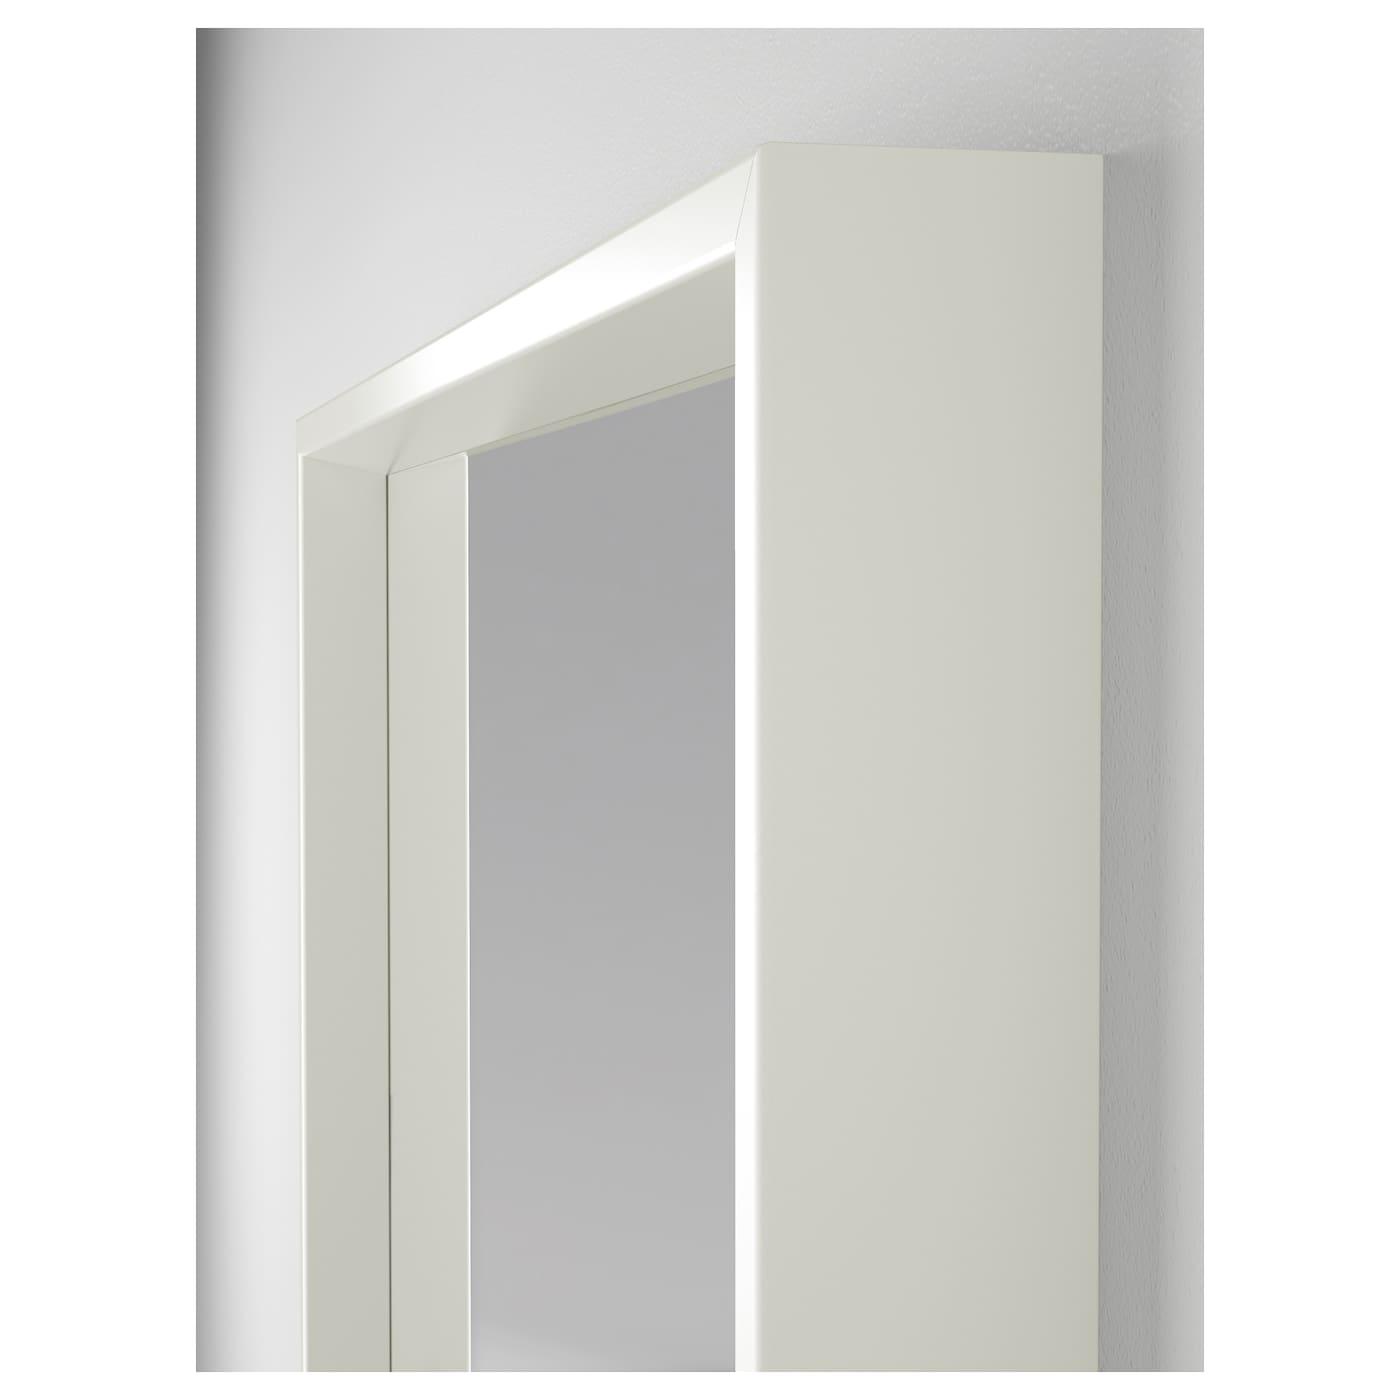 Nissedal spiegel wit 65x65 cm ikea for Spiegel ikea